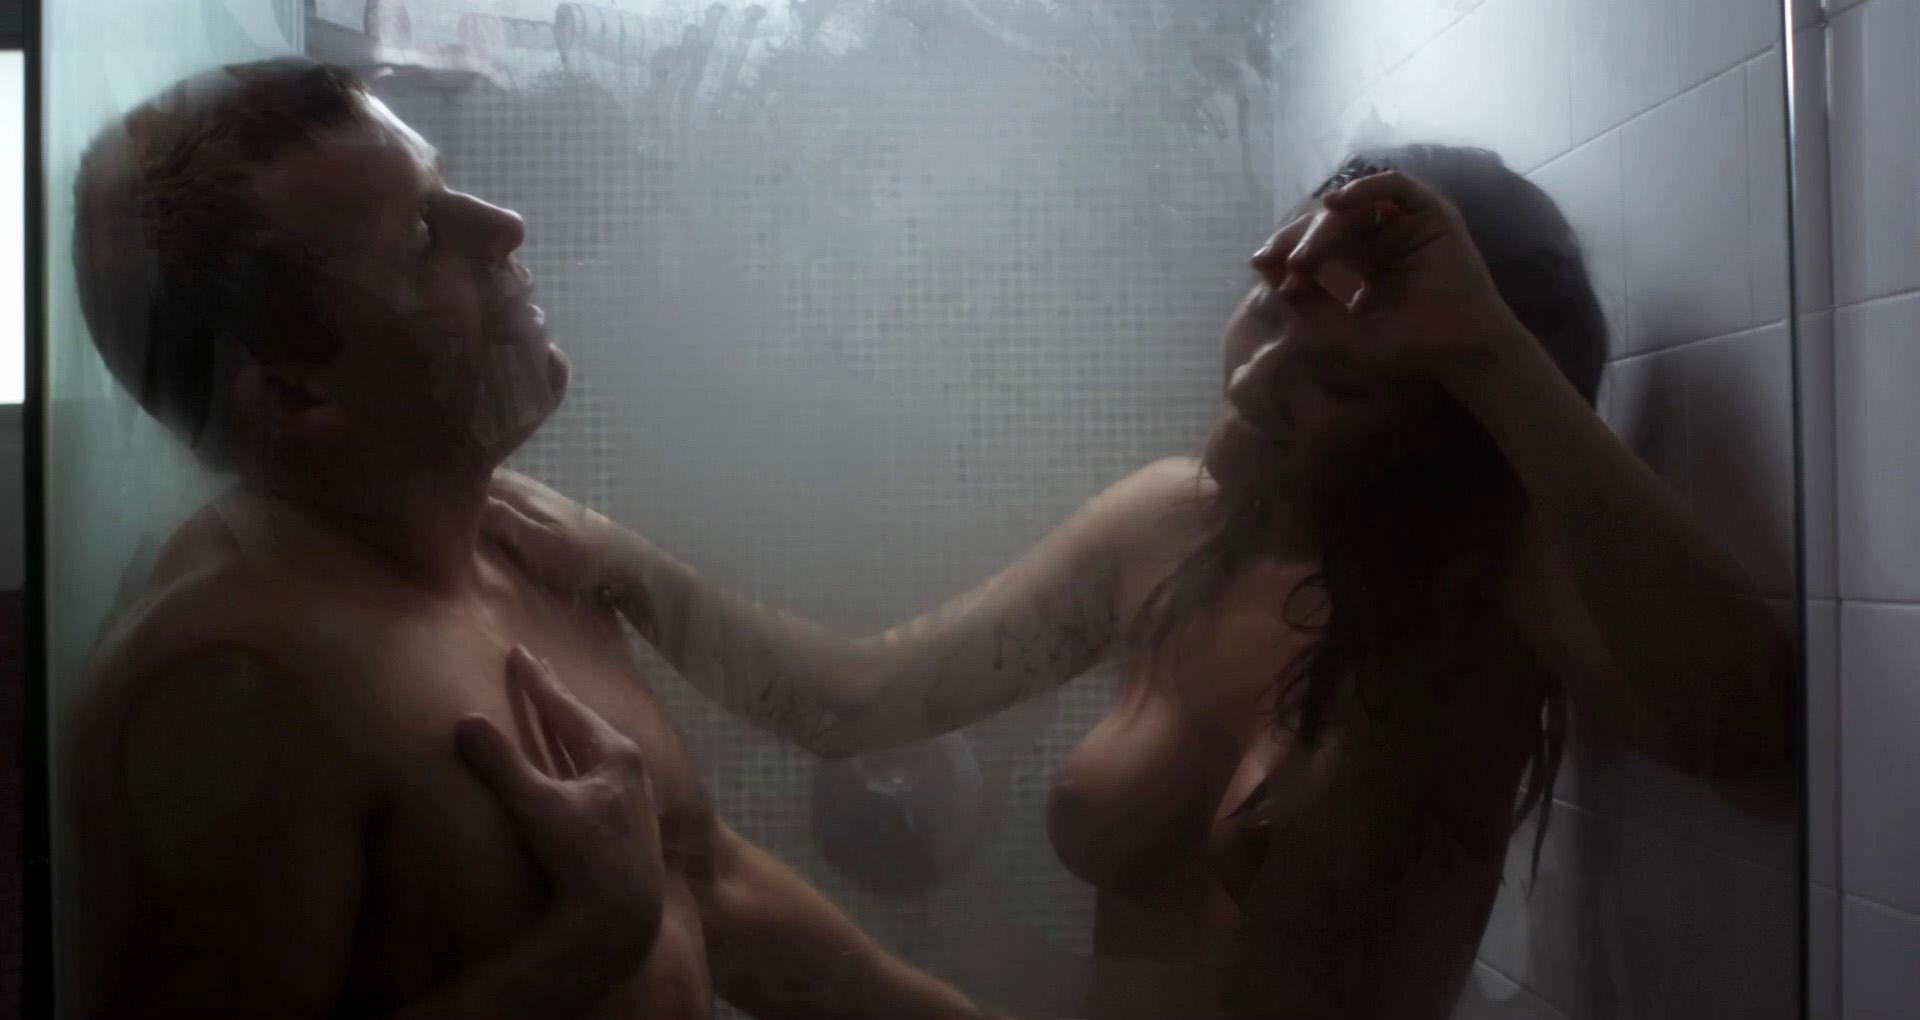 America Olivo Desnuda movie nudity » page 450 » nudecelebvideo - your box of nude